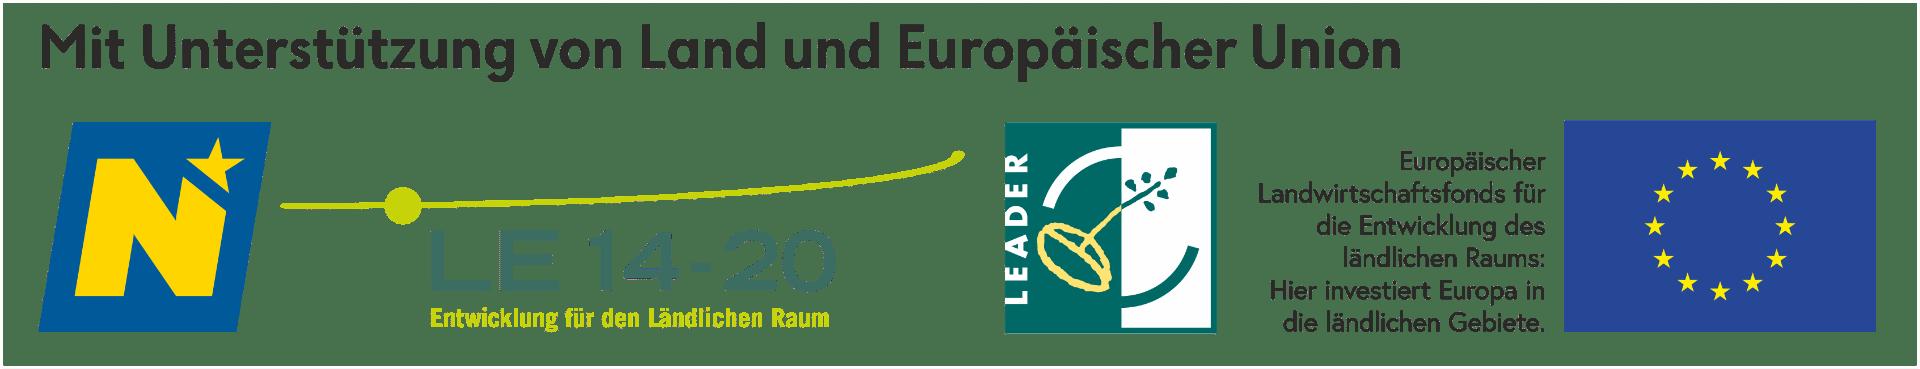 Logoleiste_eco_2020-12